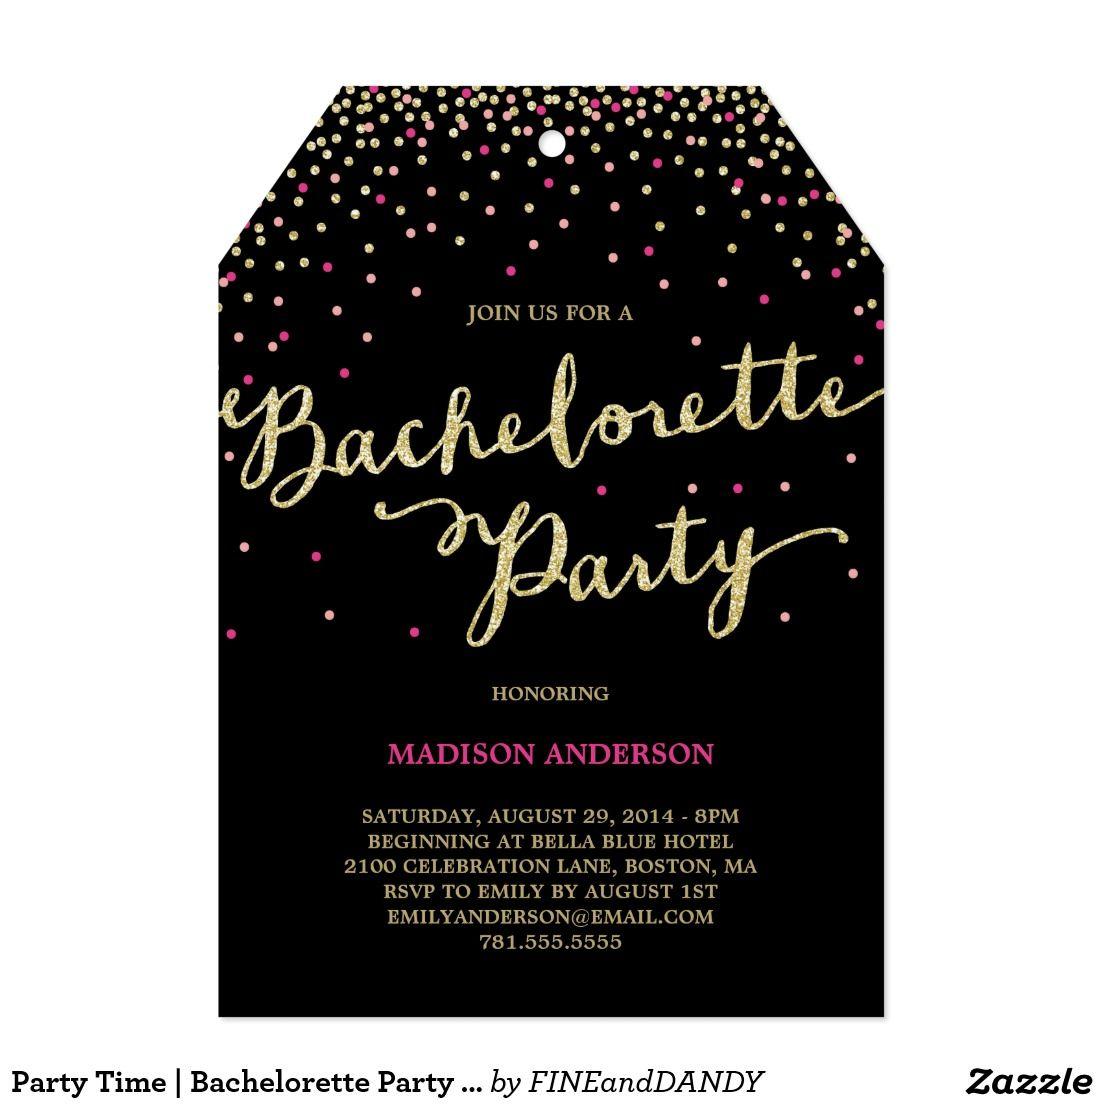 Party Time   Bachelorette Party Invitation   Bachelorette parties ...